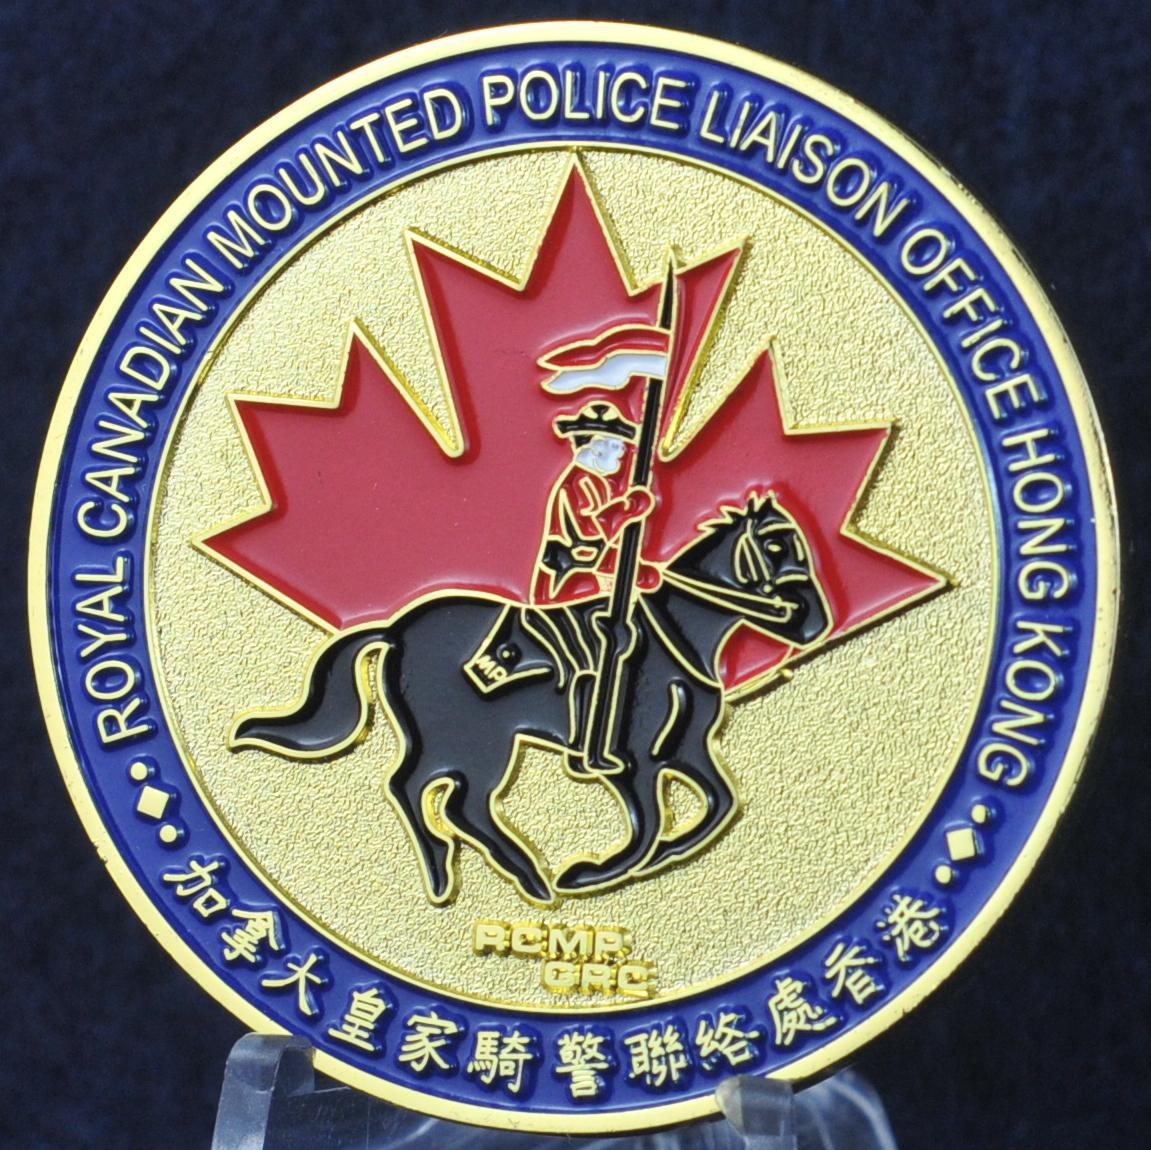 RCMP Liaison Officer Hong Kong - Challengecoins.ca